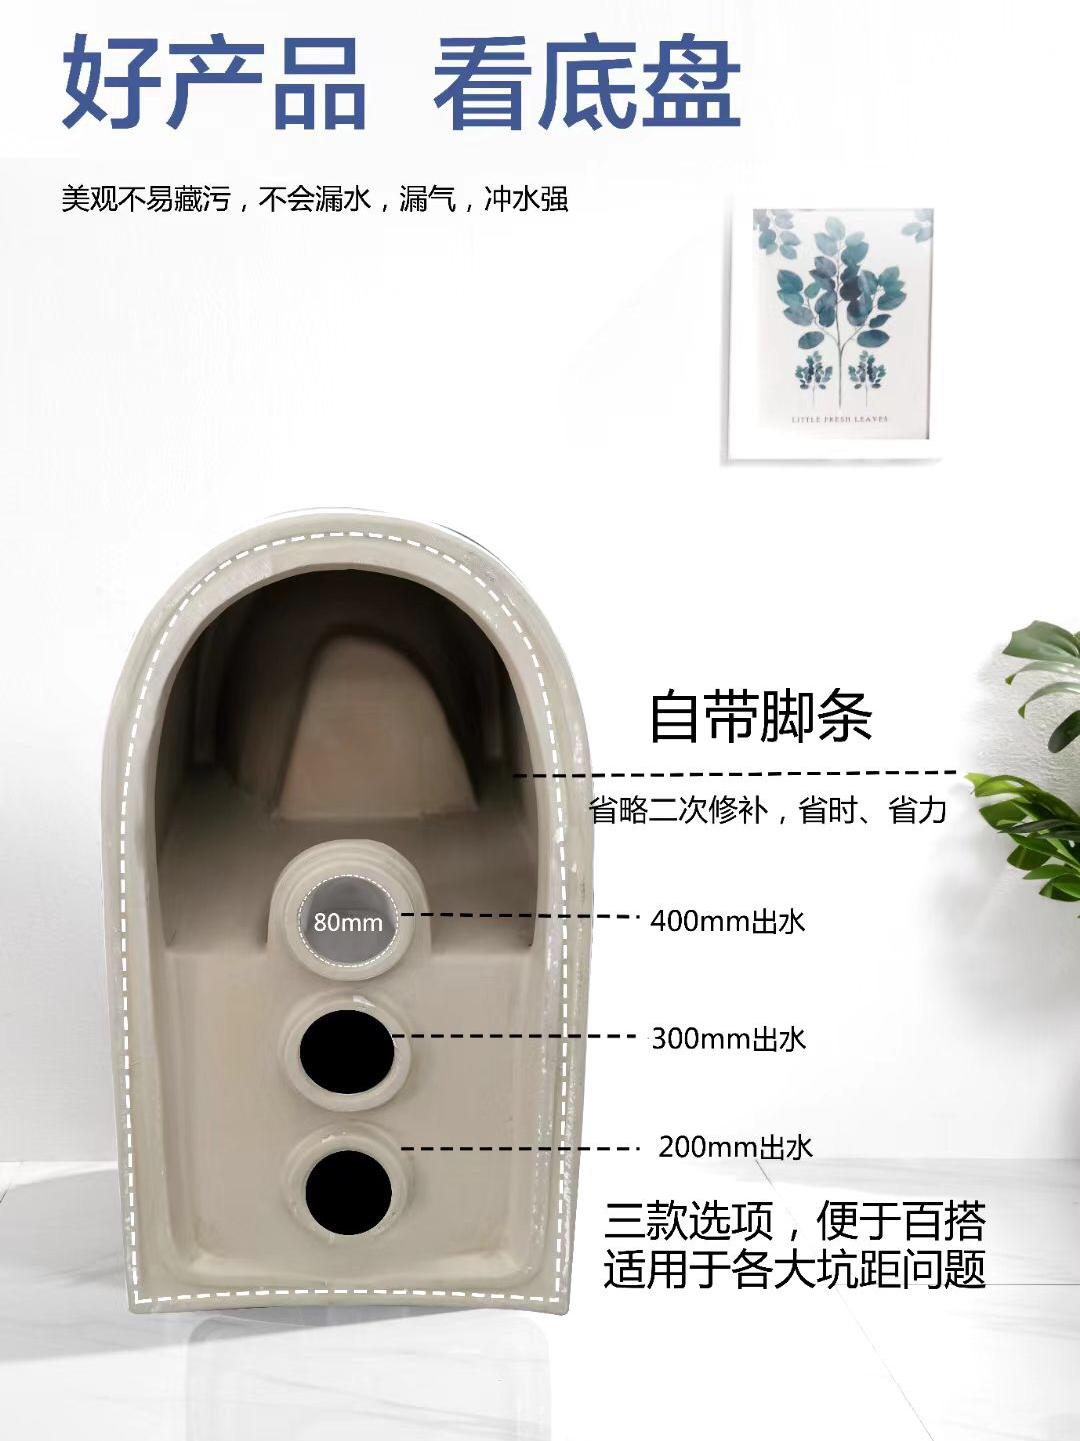 馬桶坐便器家用抽水防臭大口徑節水防濺水虹吸式小戶型座便坐廁